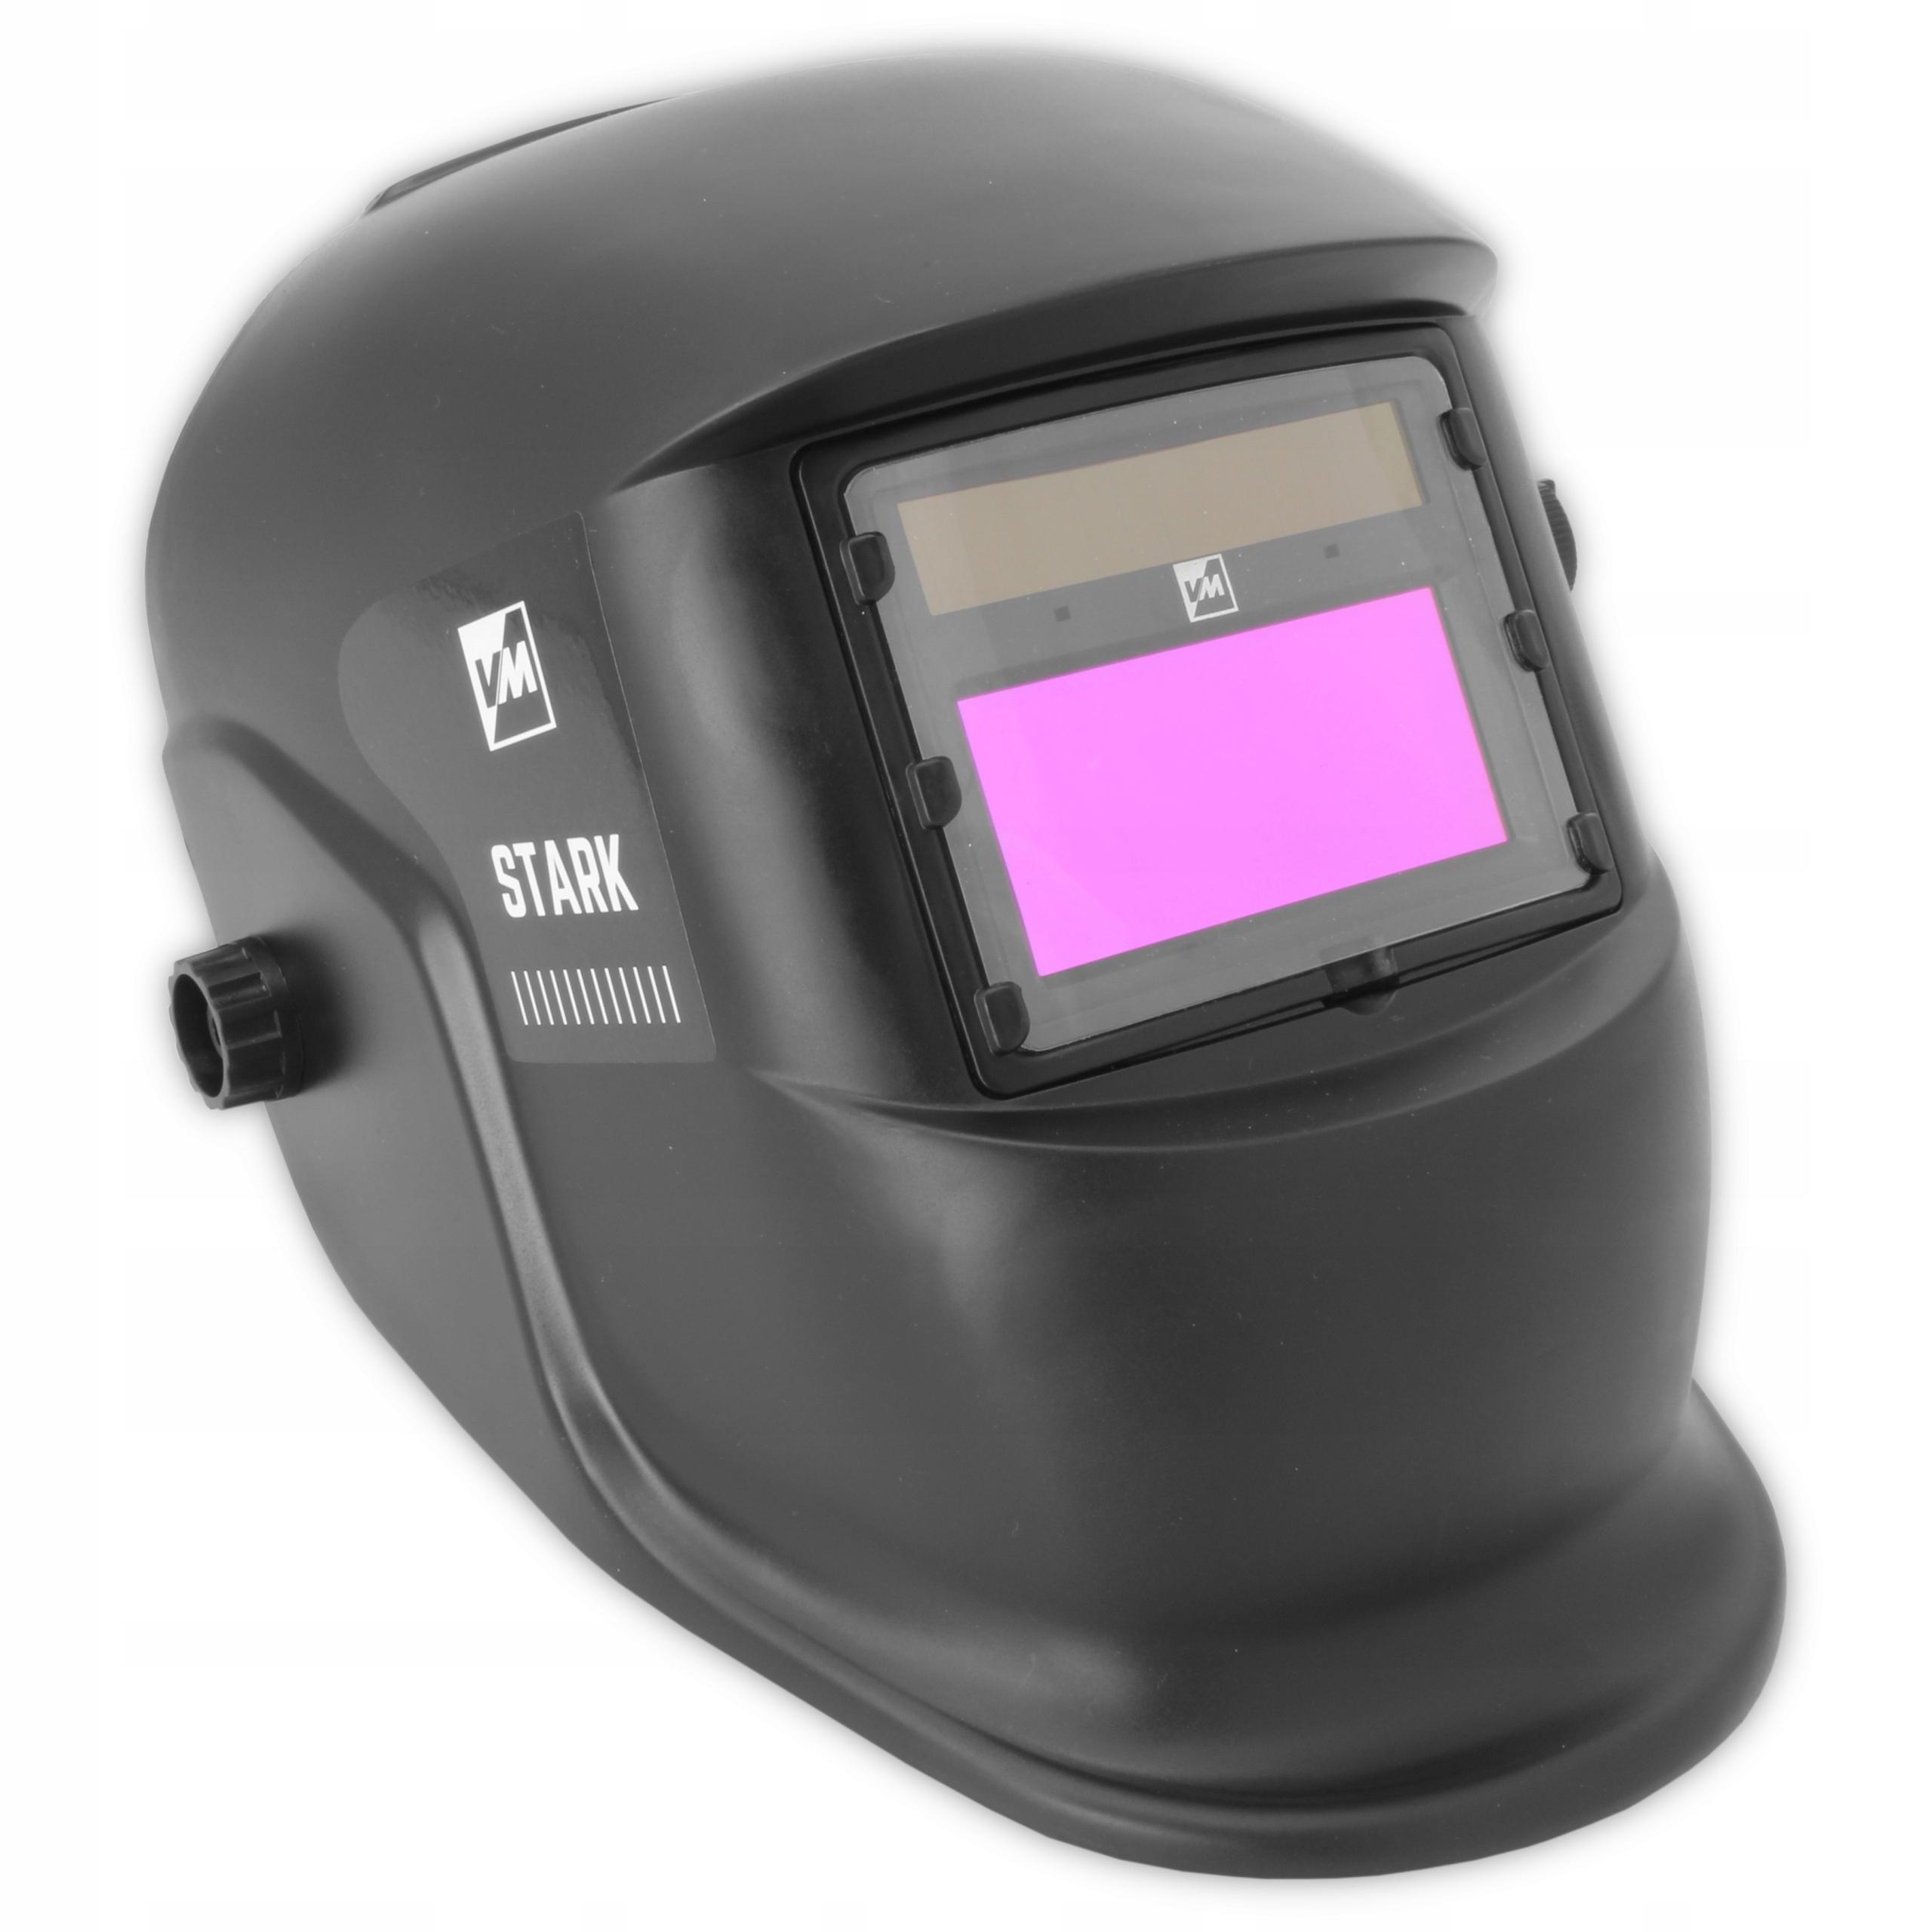 VM STARK Przyłbica Maska automatyczna spawalnicza